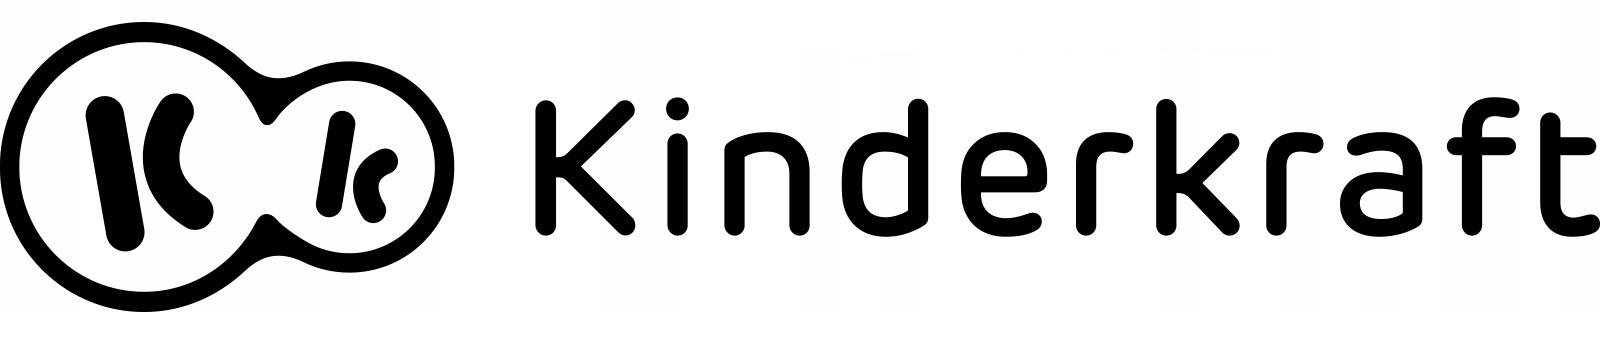 Vis mere fra KINDERKRAFT